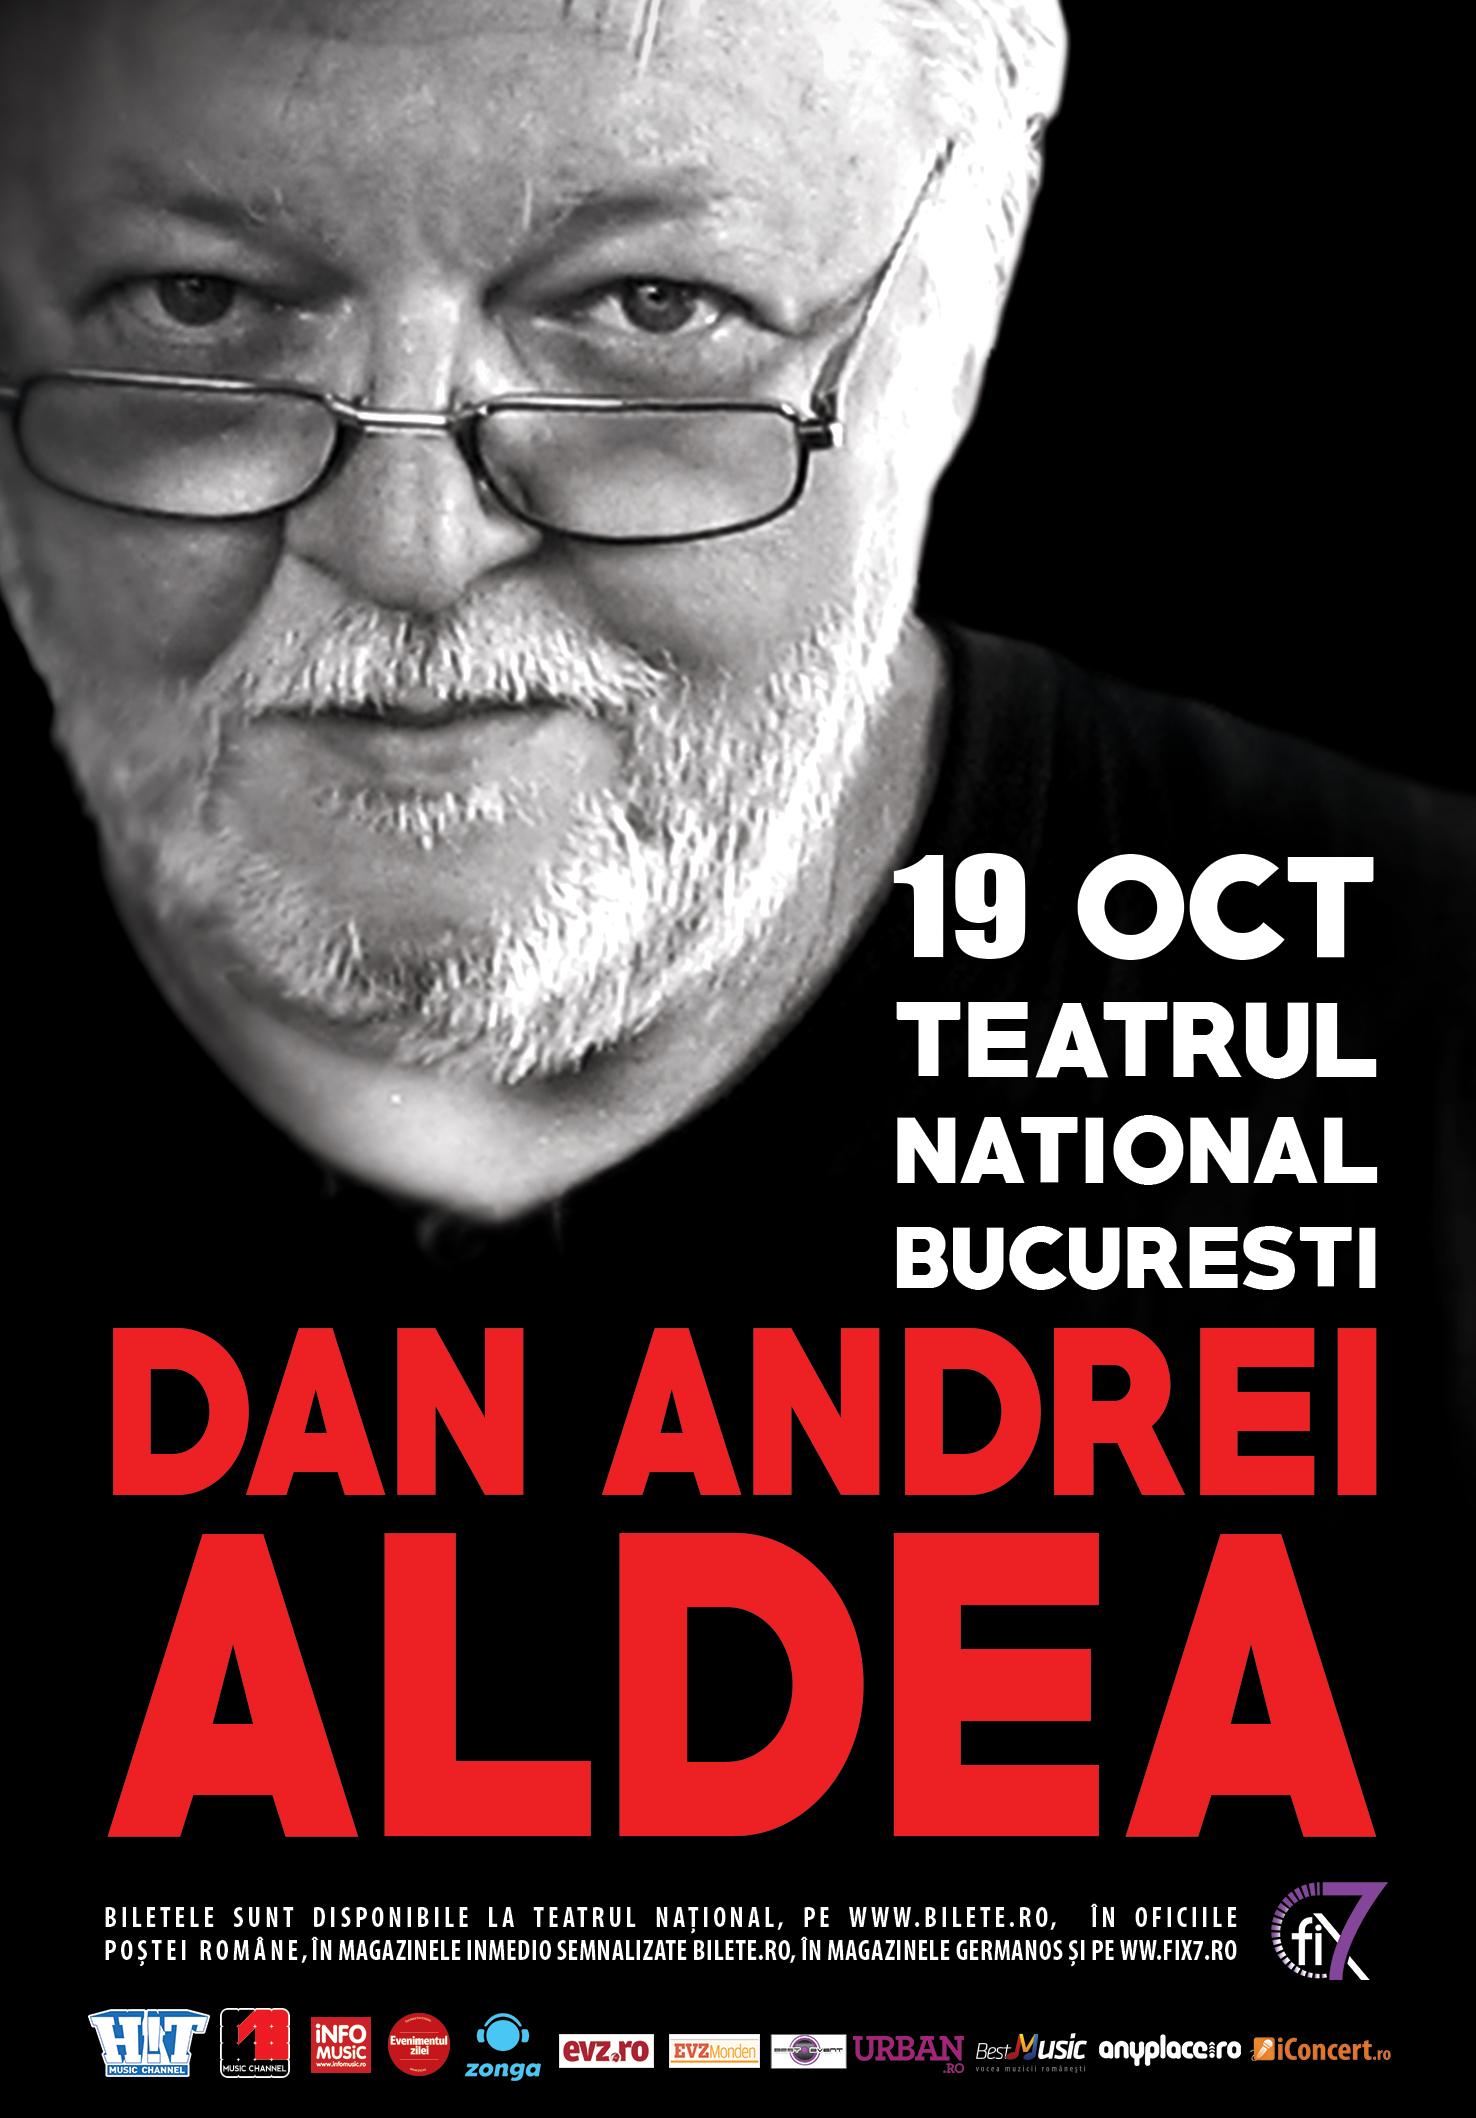 Afiş Dan Andrei Aldea concert Teatrul Naţional Bucureşti 2015